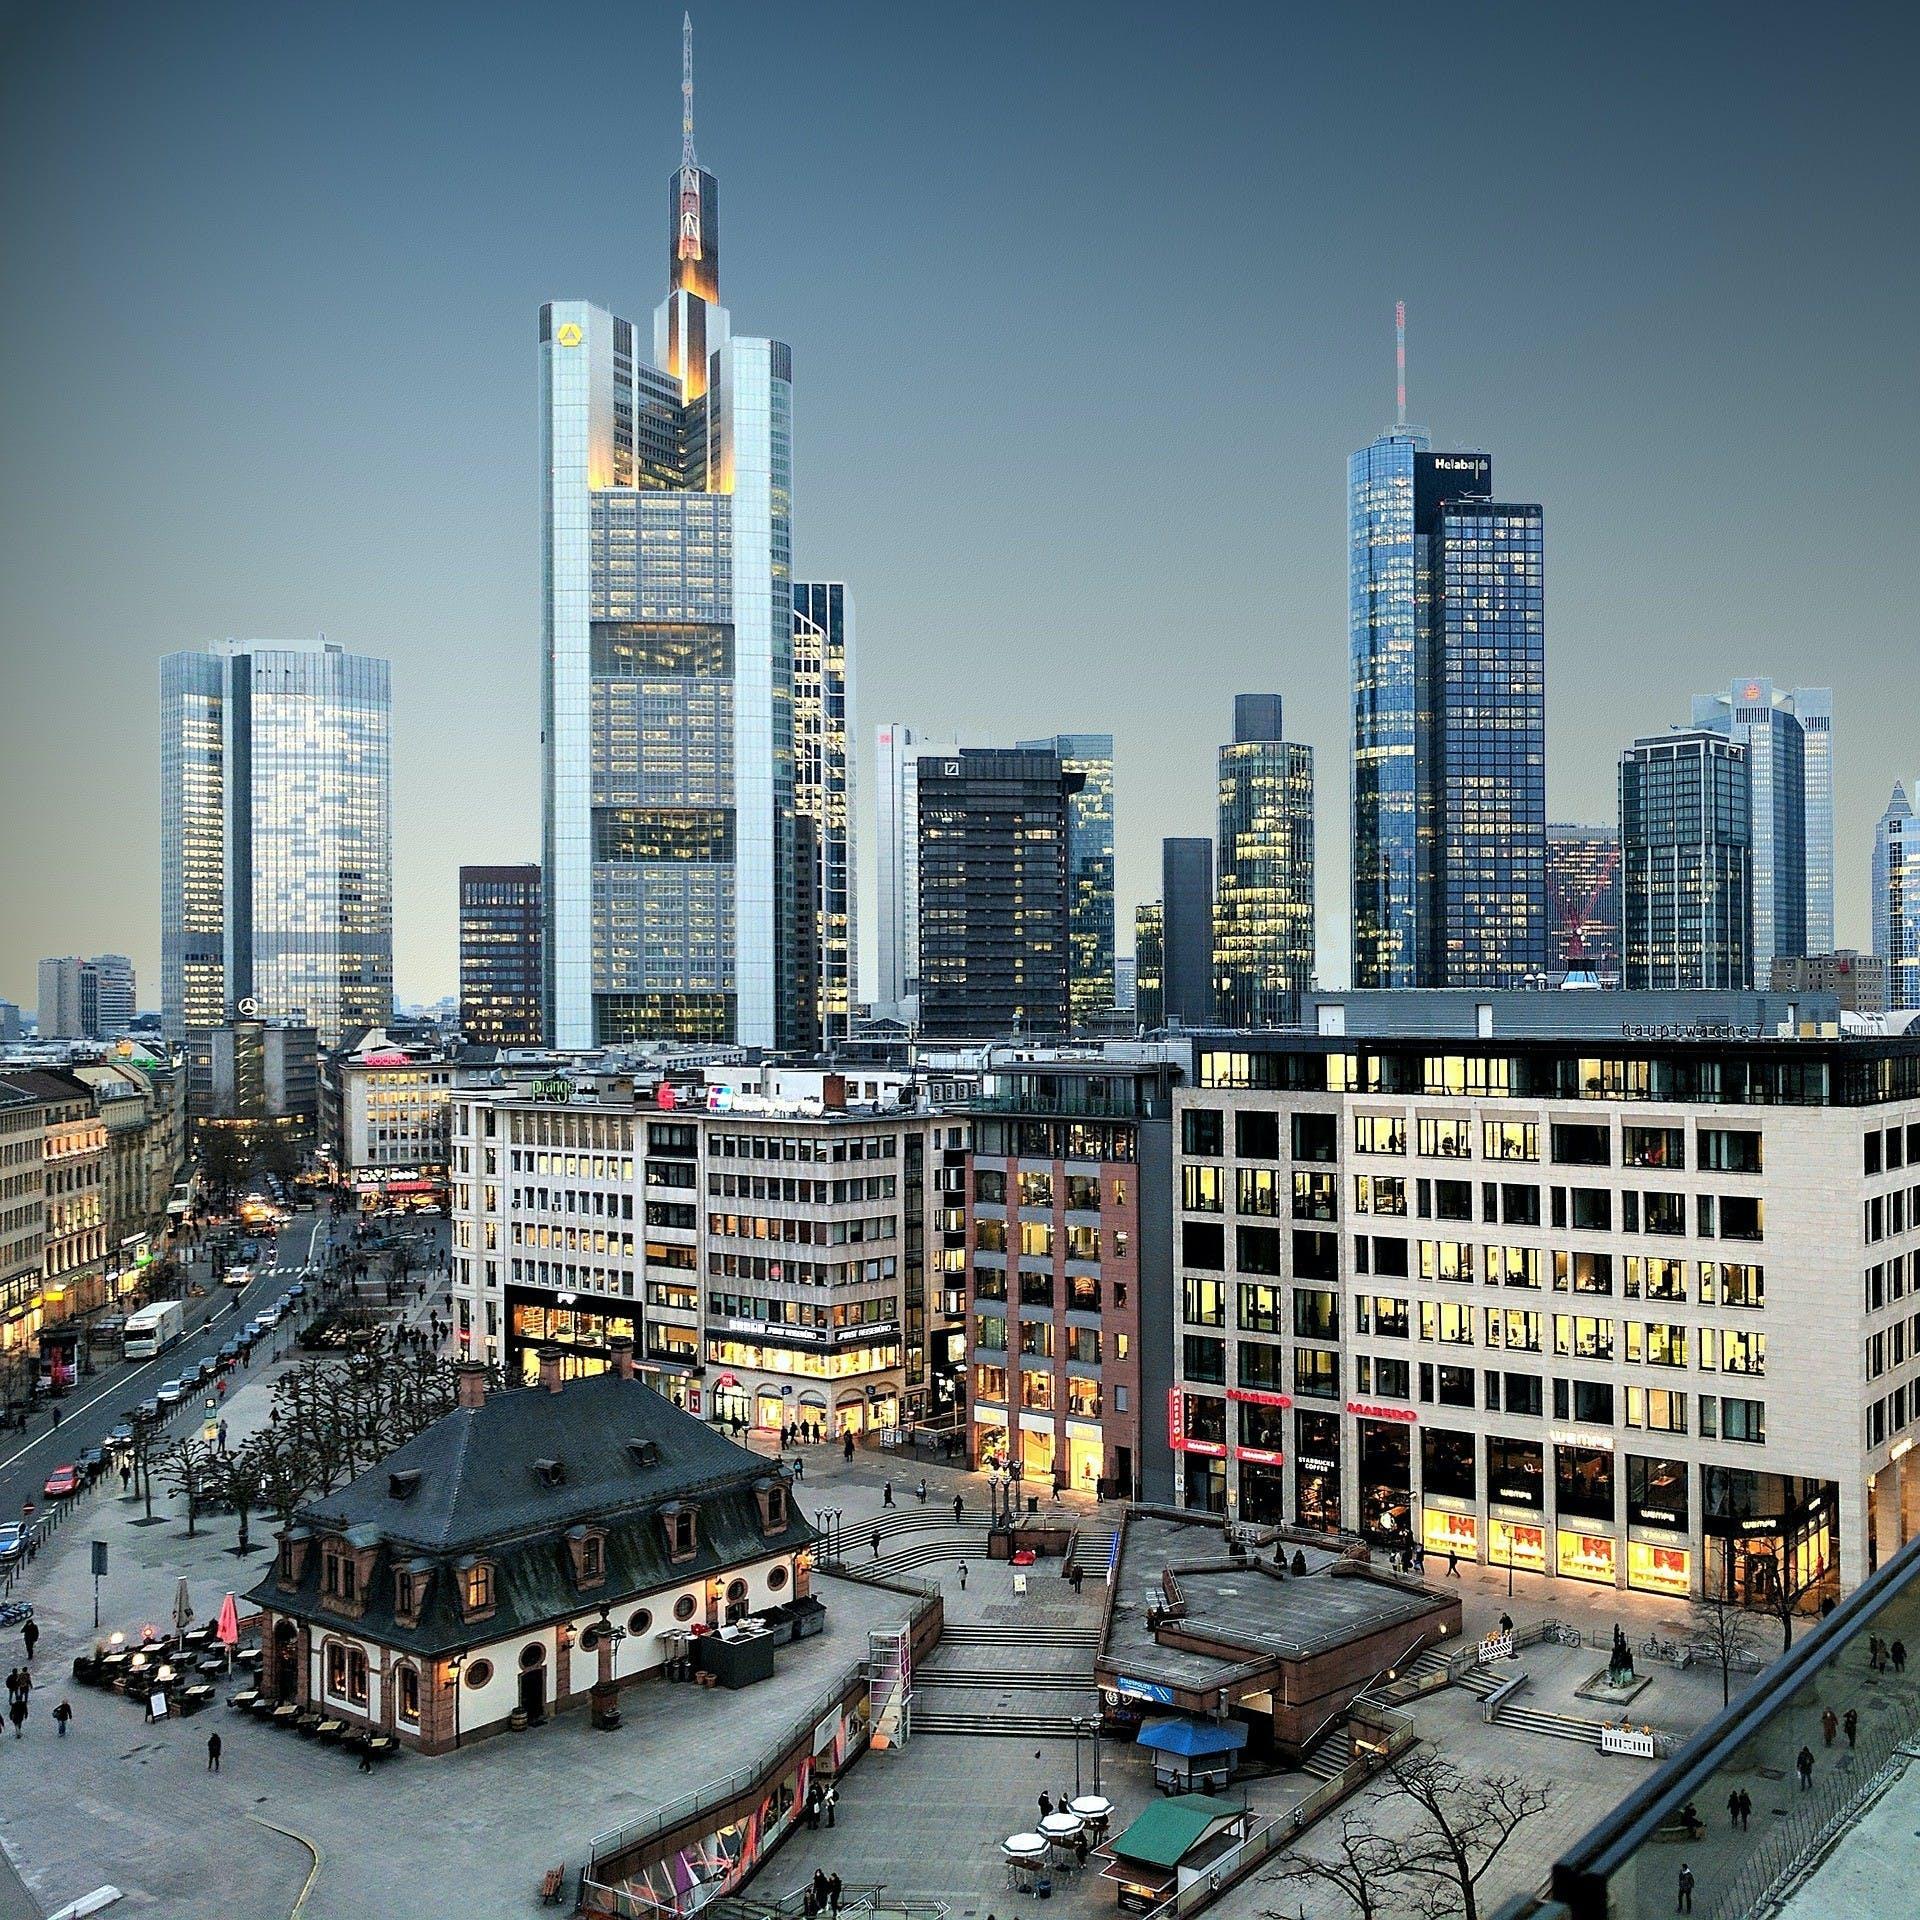 Ver la ciudad,Tickets, museos, atracciones,Pases de ciudad,Entradas a atracciones principales,Frankfurt City Pass